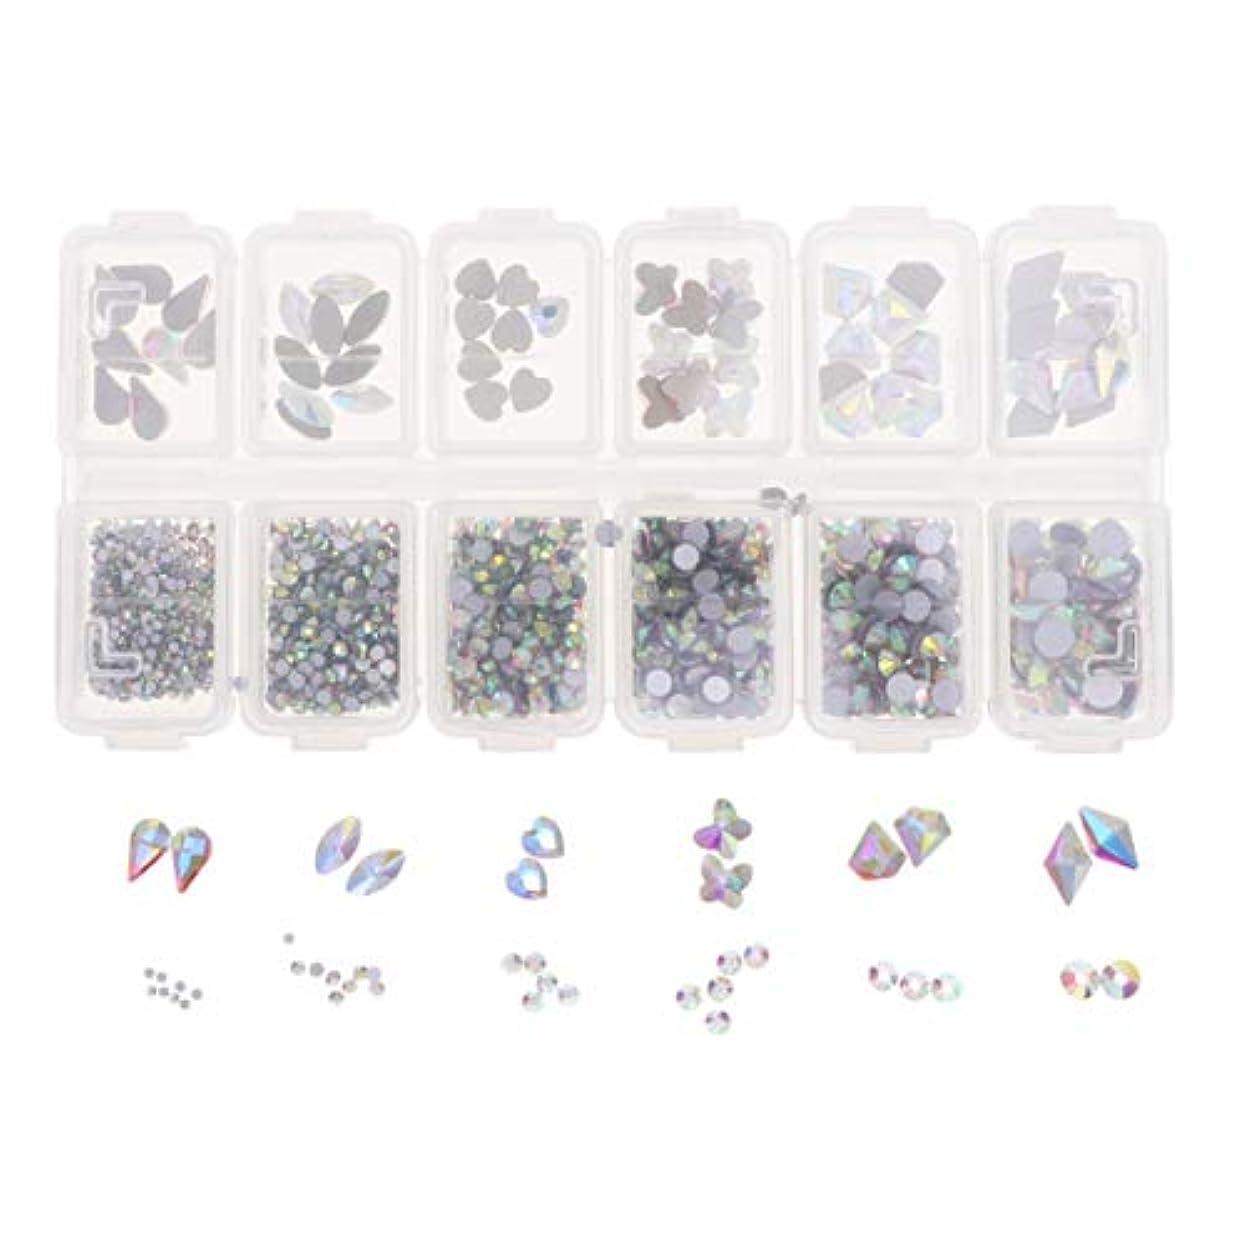 学習者拮抗デイジーLurrose 1788ピースネイルアートラインストーンキット12コンパートメントdiyラインストーンクリスタルダイヤモンドビーズ用女の子ネイルアート装飾用品